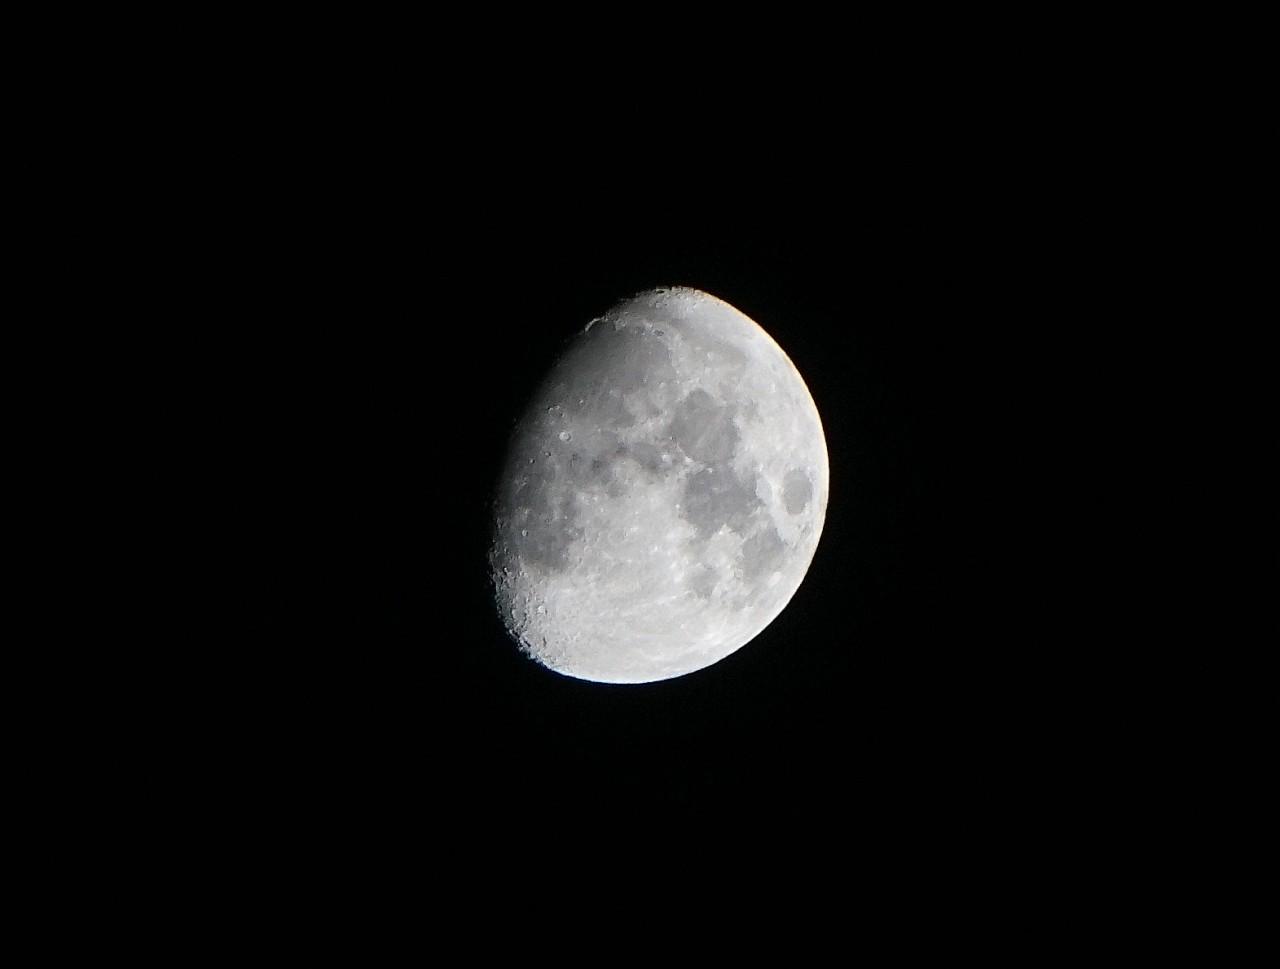 マニュアル(露出),月,撮影